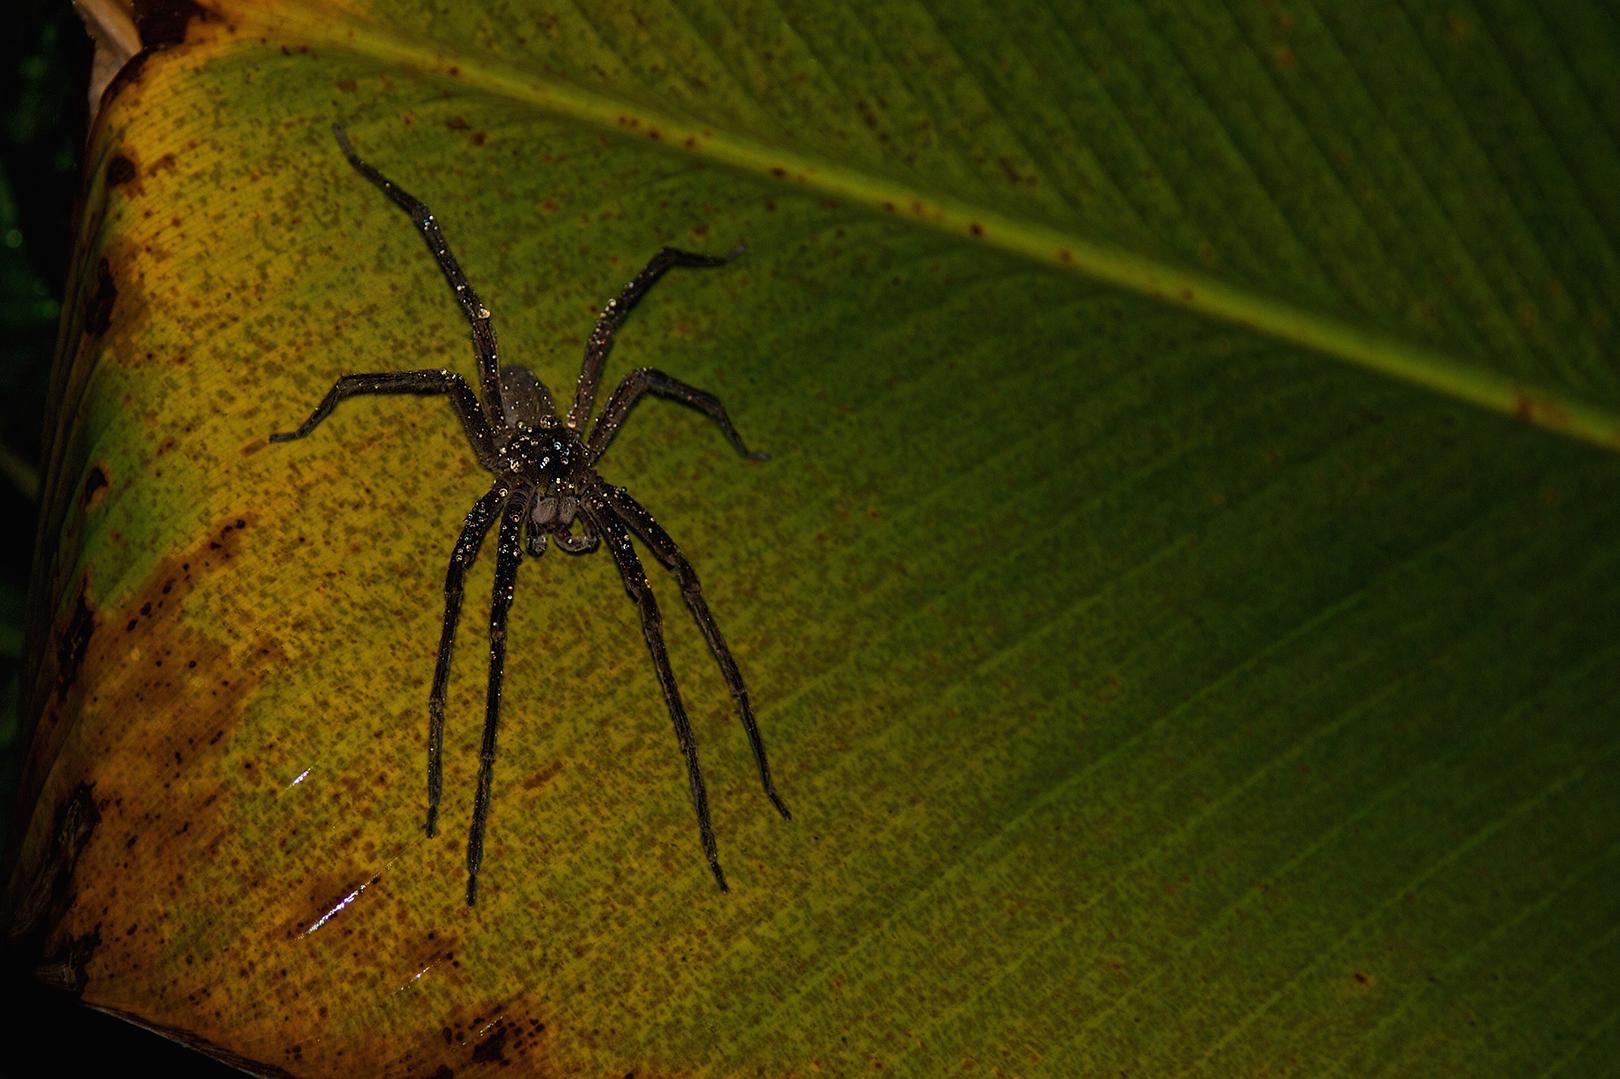 Wandering spider – Cupiennius salei